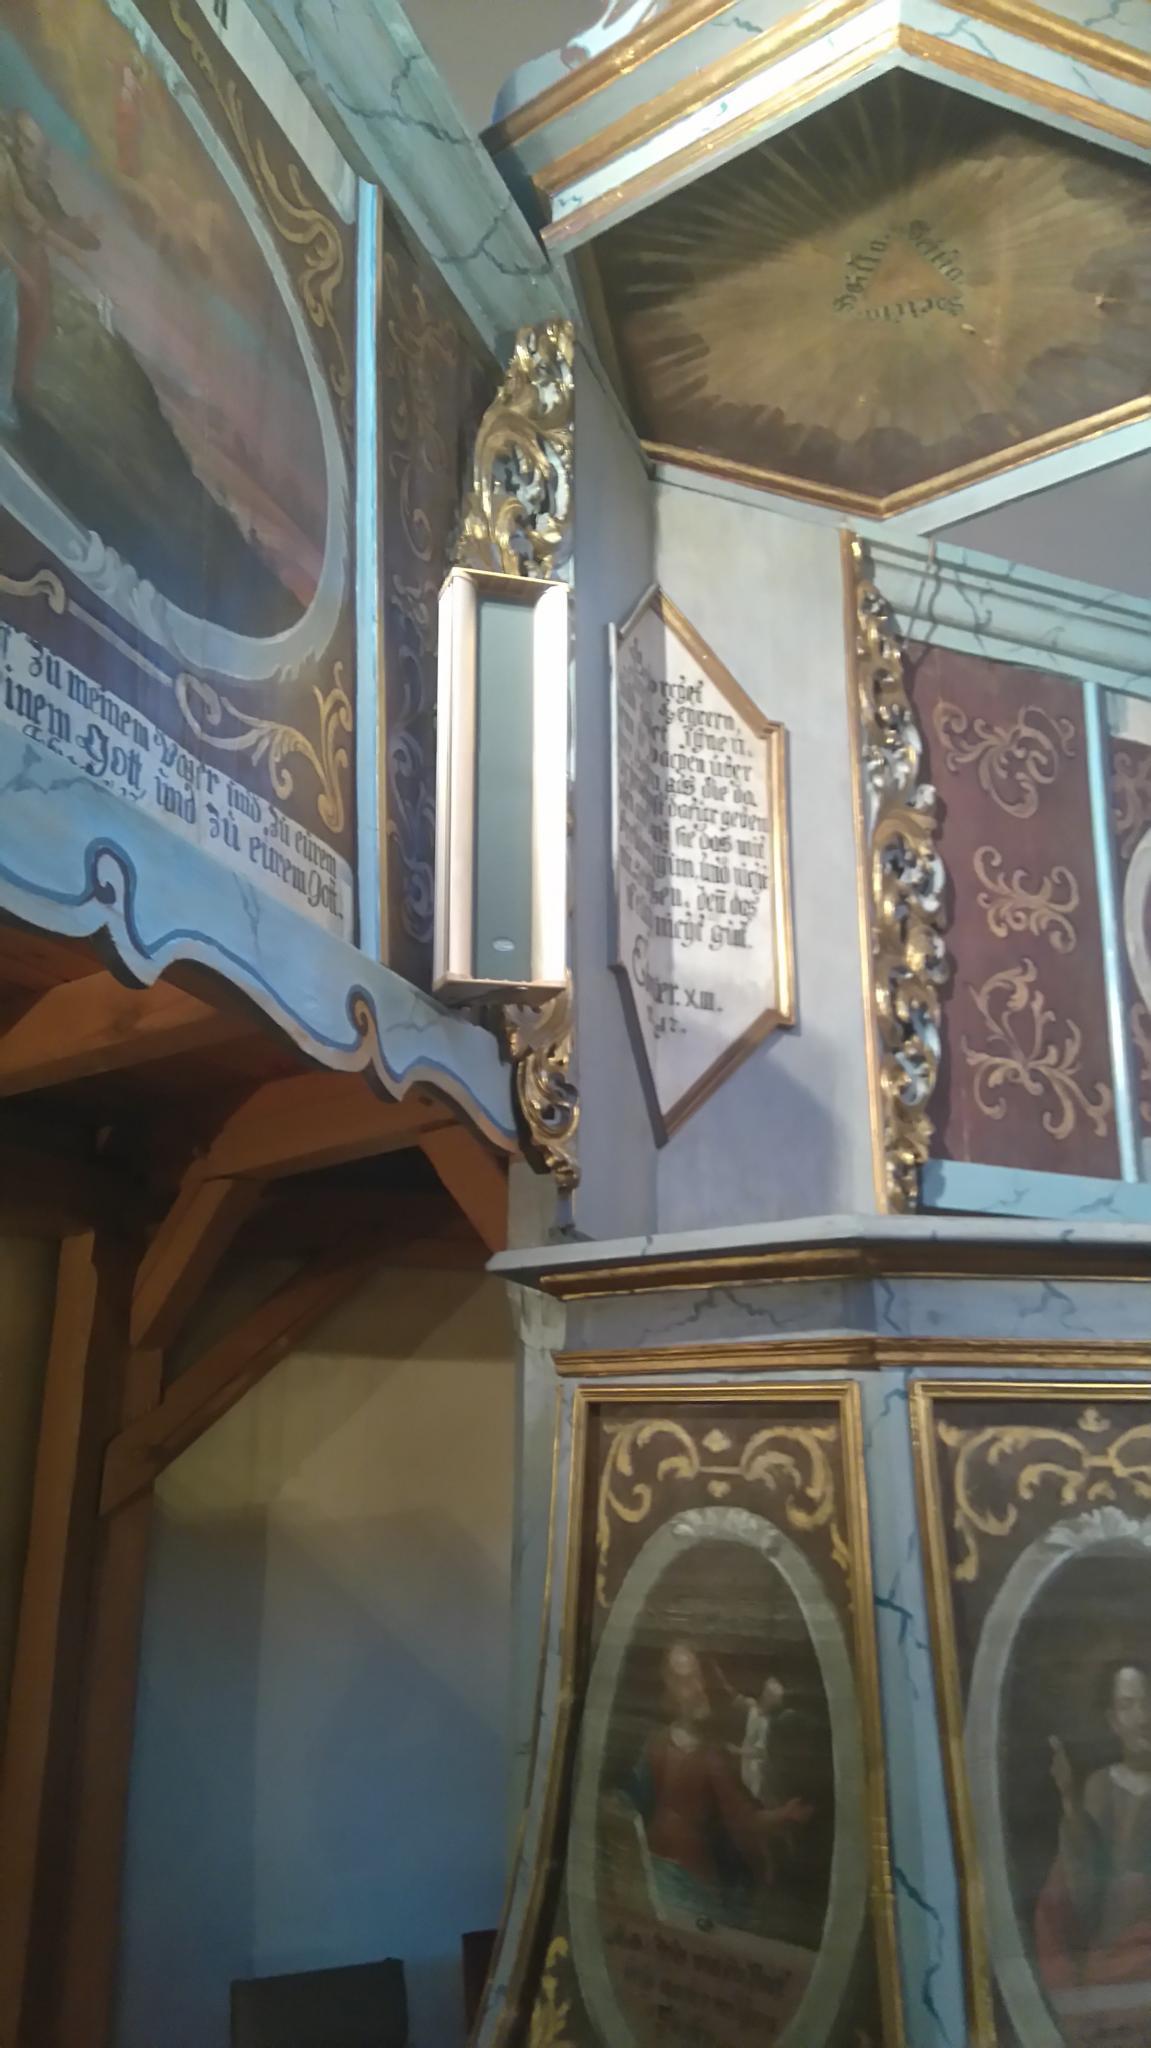 Nagłośnienie obiektóNagłośnienie obiektów sakralnych, nagłośnienie kościołów, Instalacje Nagłośnieniowew Sakralnych +48 602 127 770